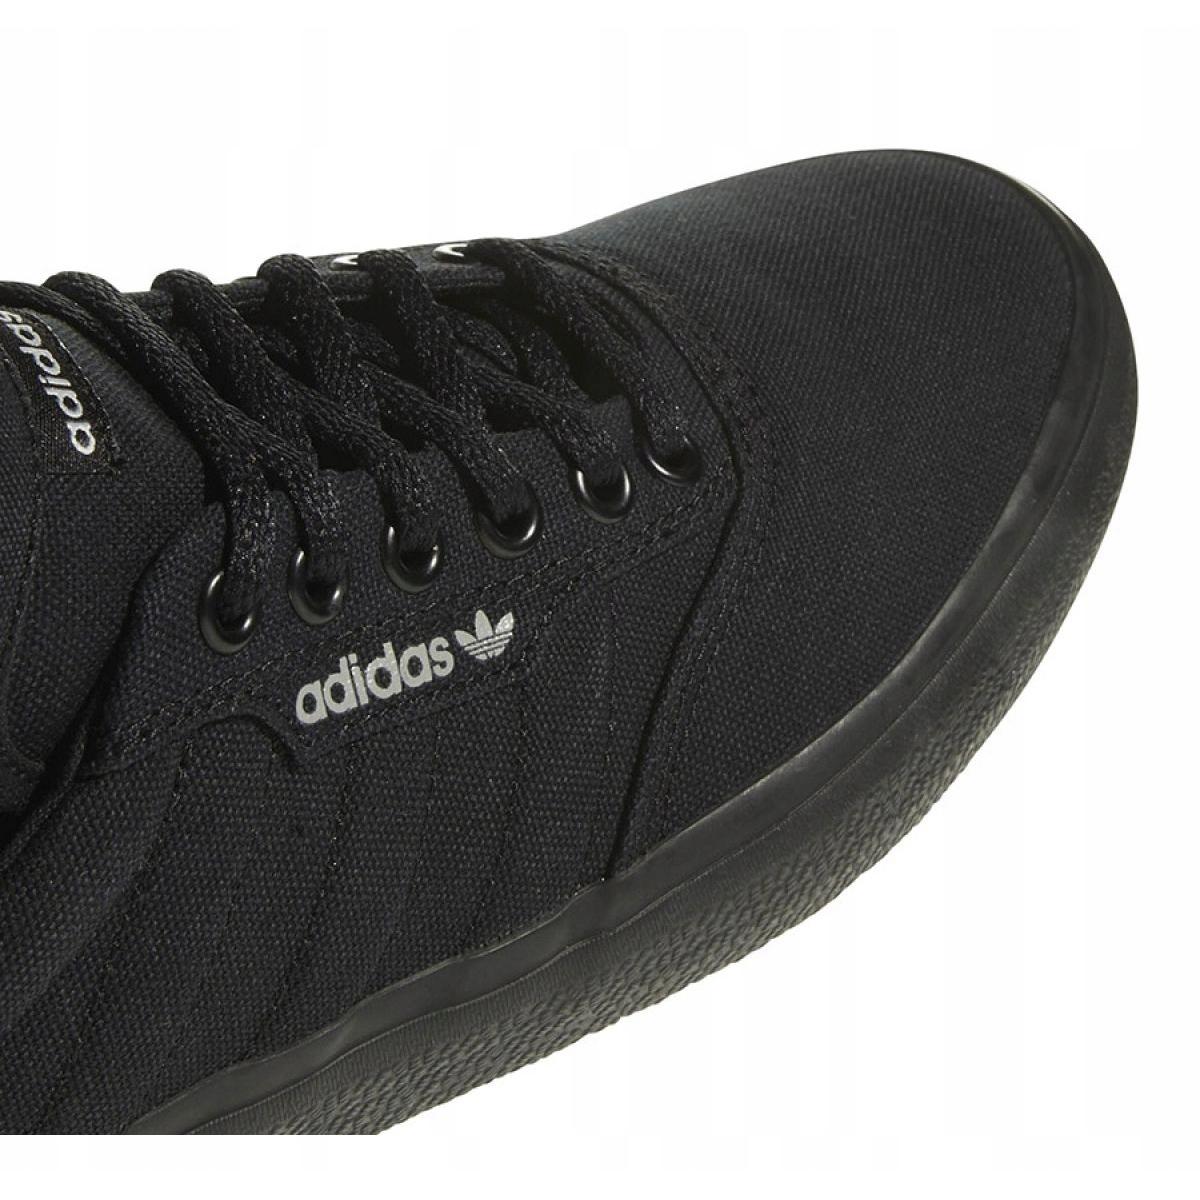 Adidas Originals 3MC M B22713 shoes